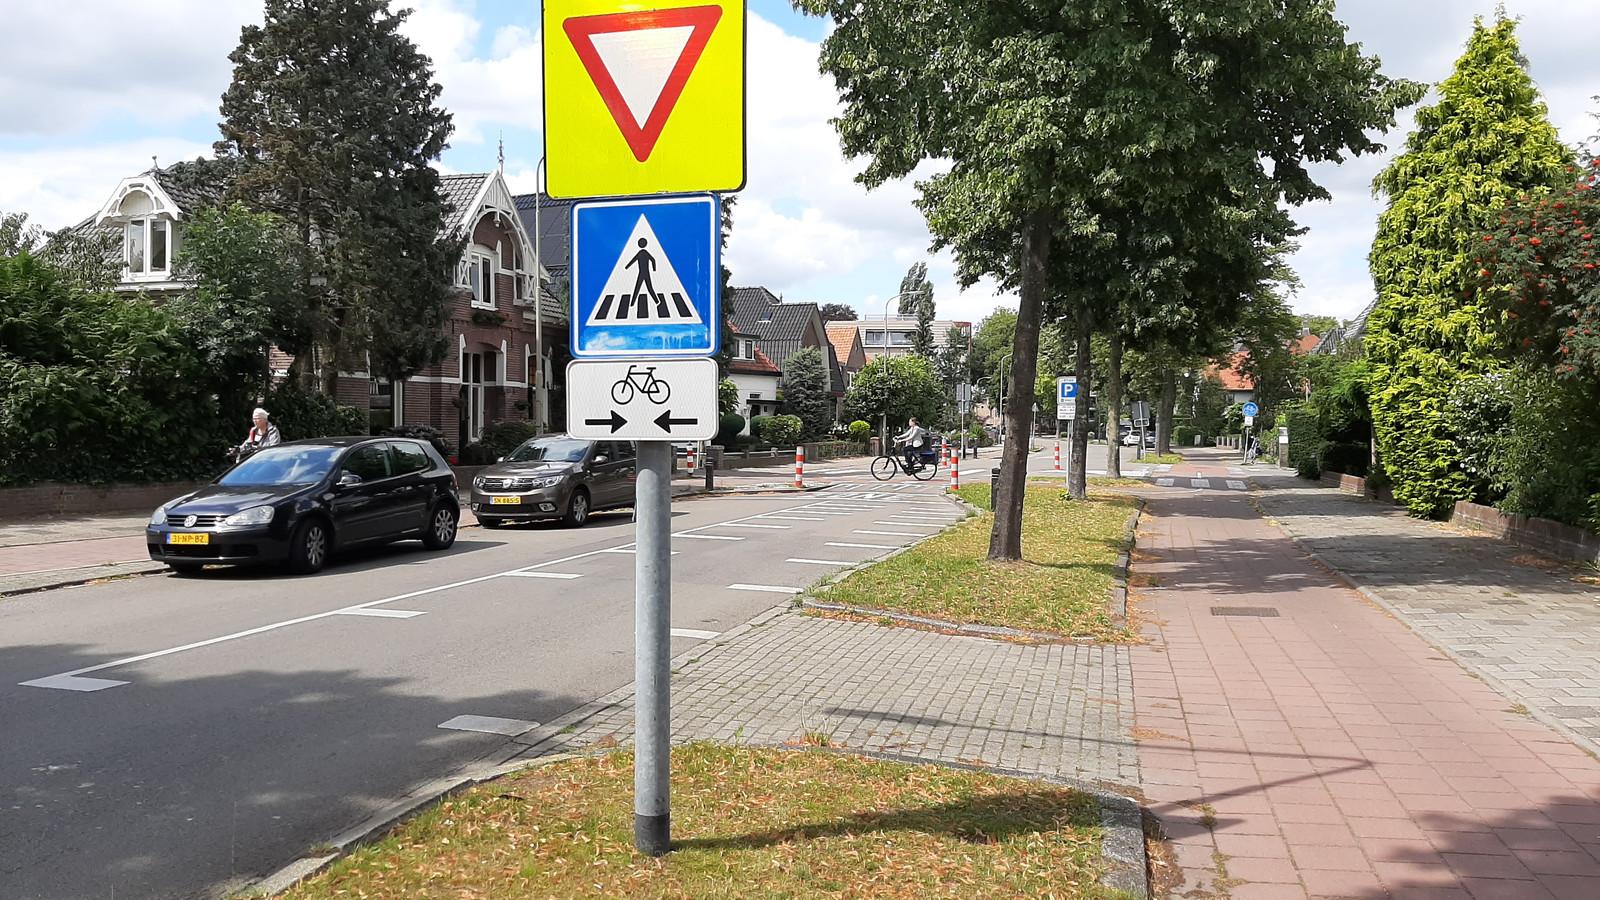 De oversteekplek waar auto's voorrang moeten verlenen aan fietsers wordt opgeheven.